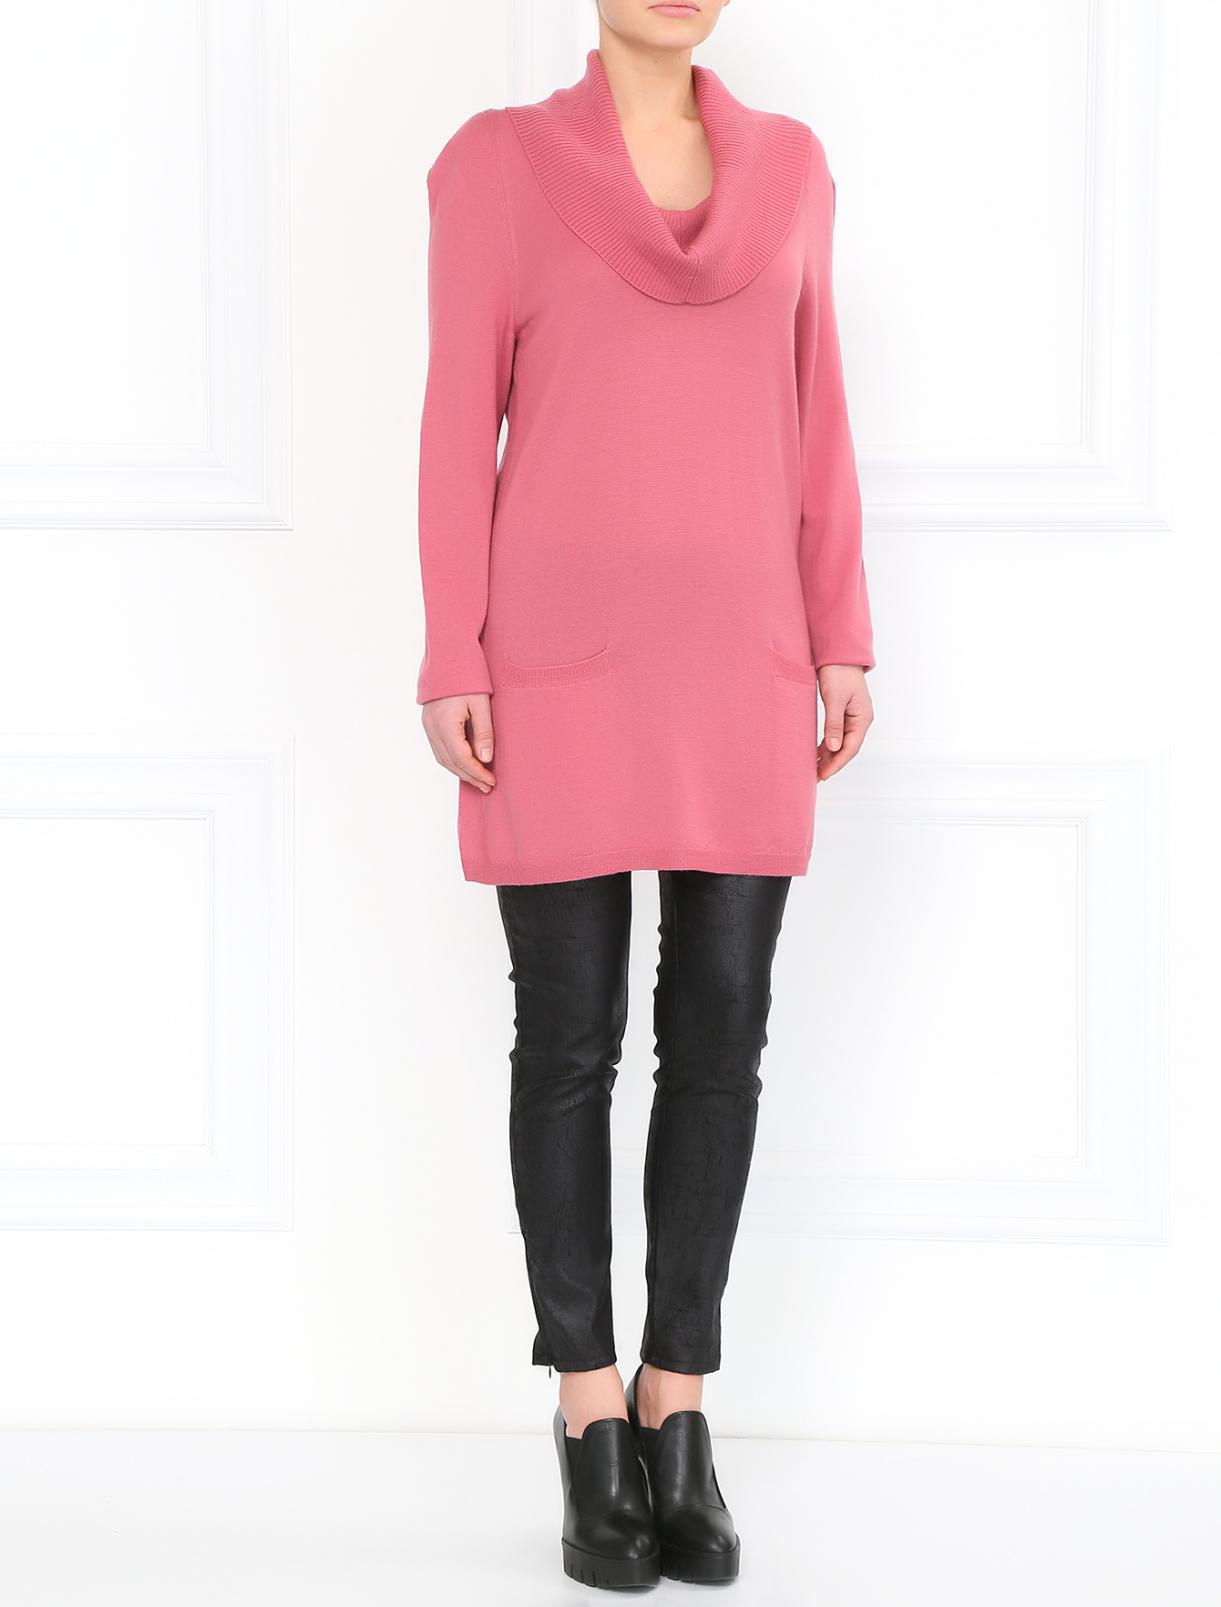 Джемпер из шерсти с боковыми карманами Moschino Cheap&Chic  –  Модель Общий вид